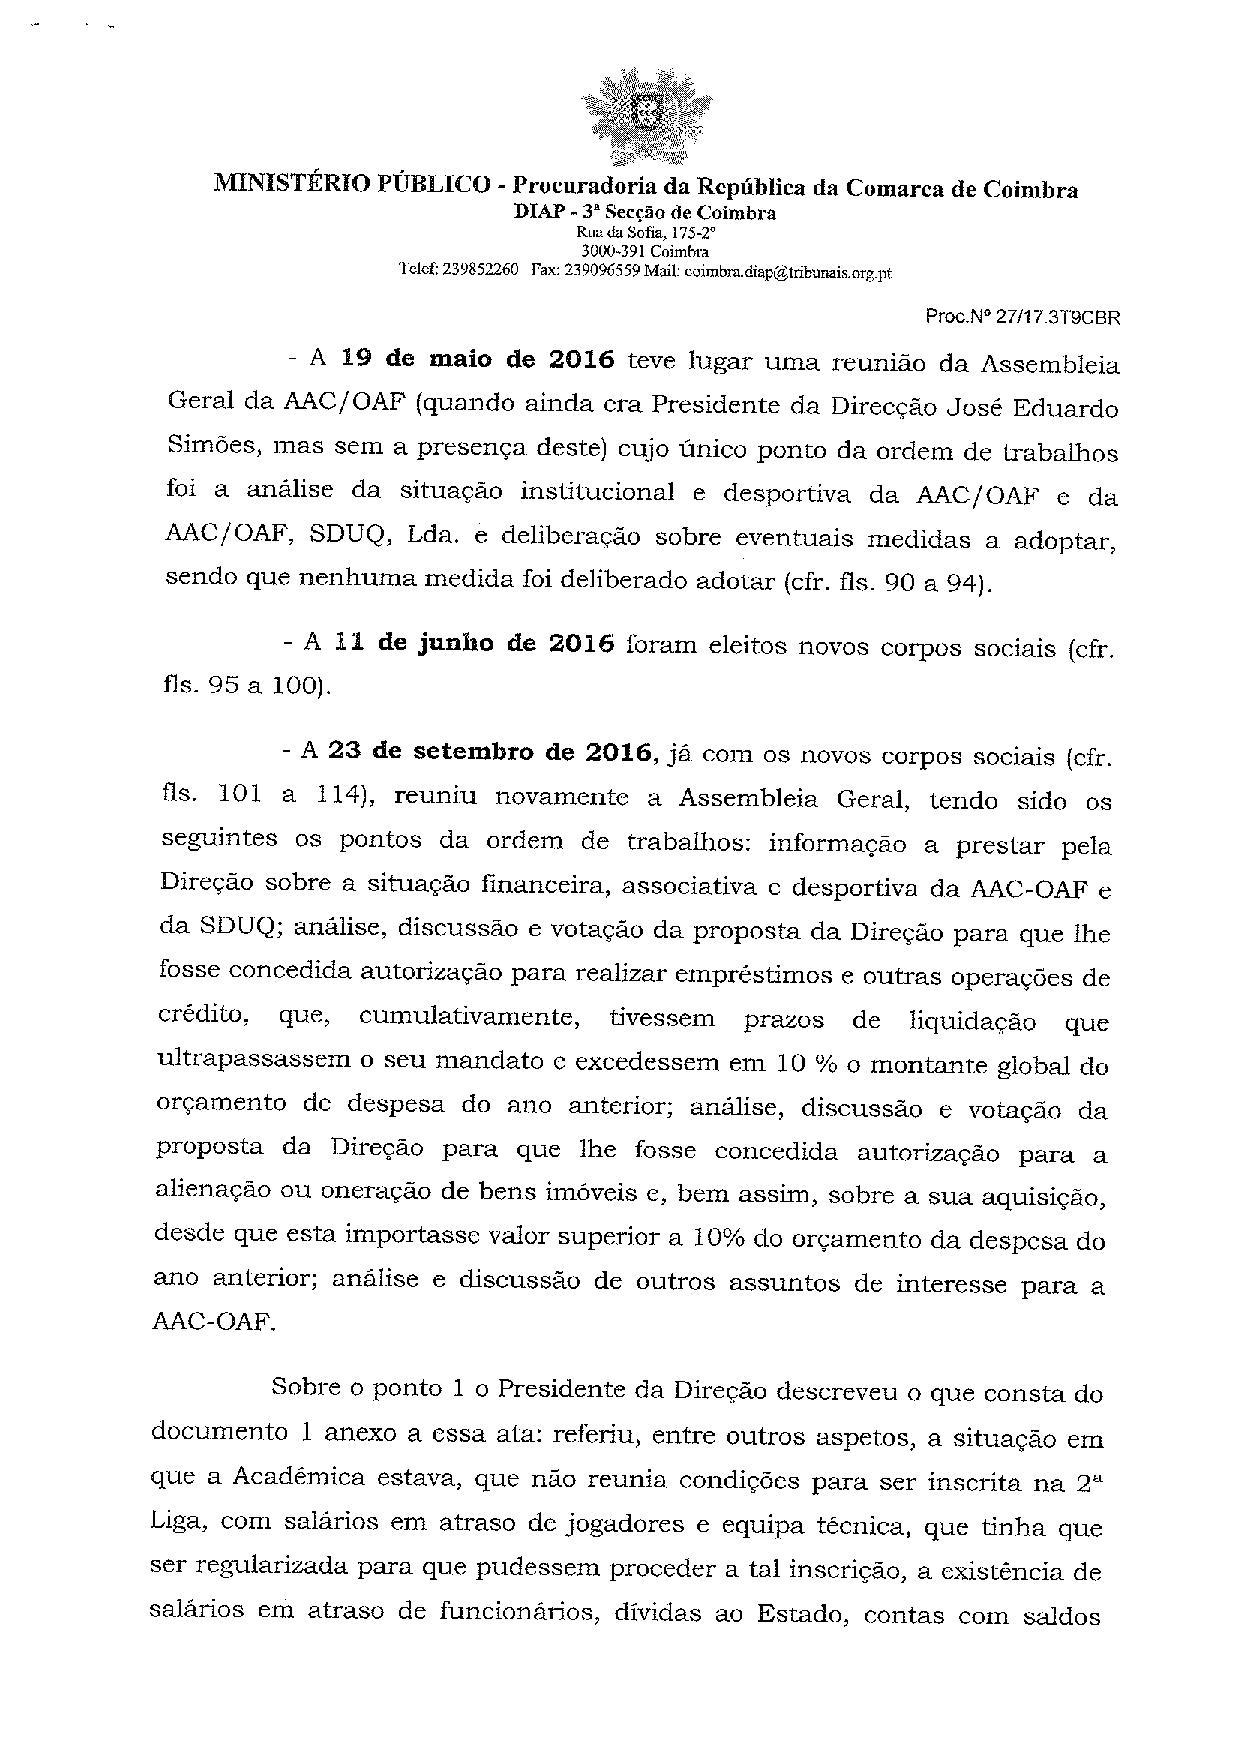 ACA-page-006